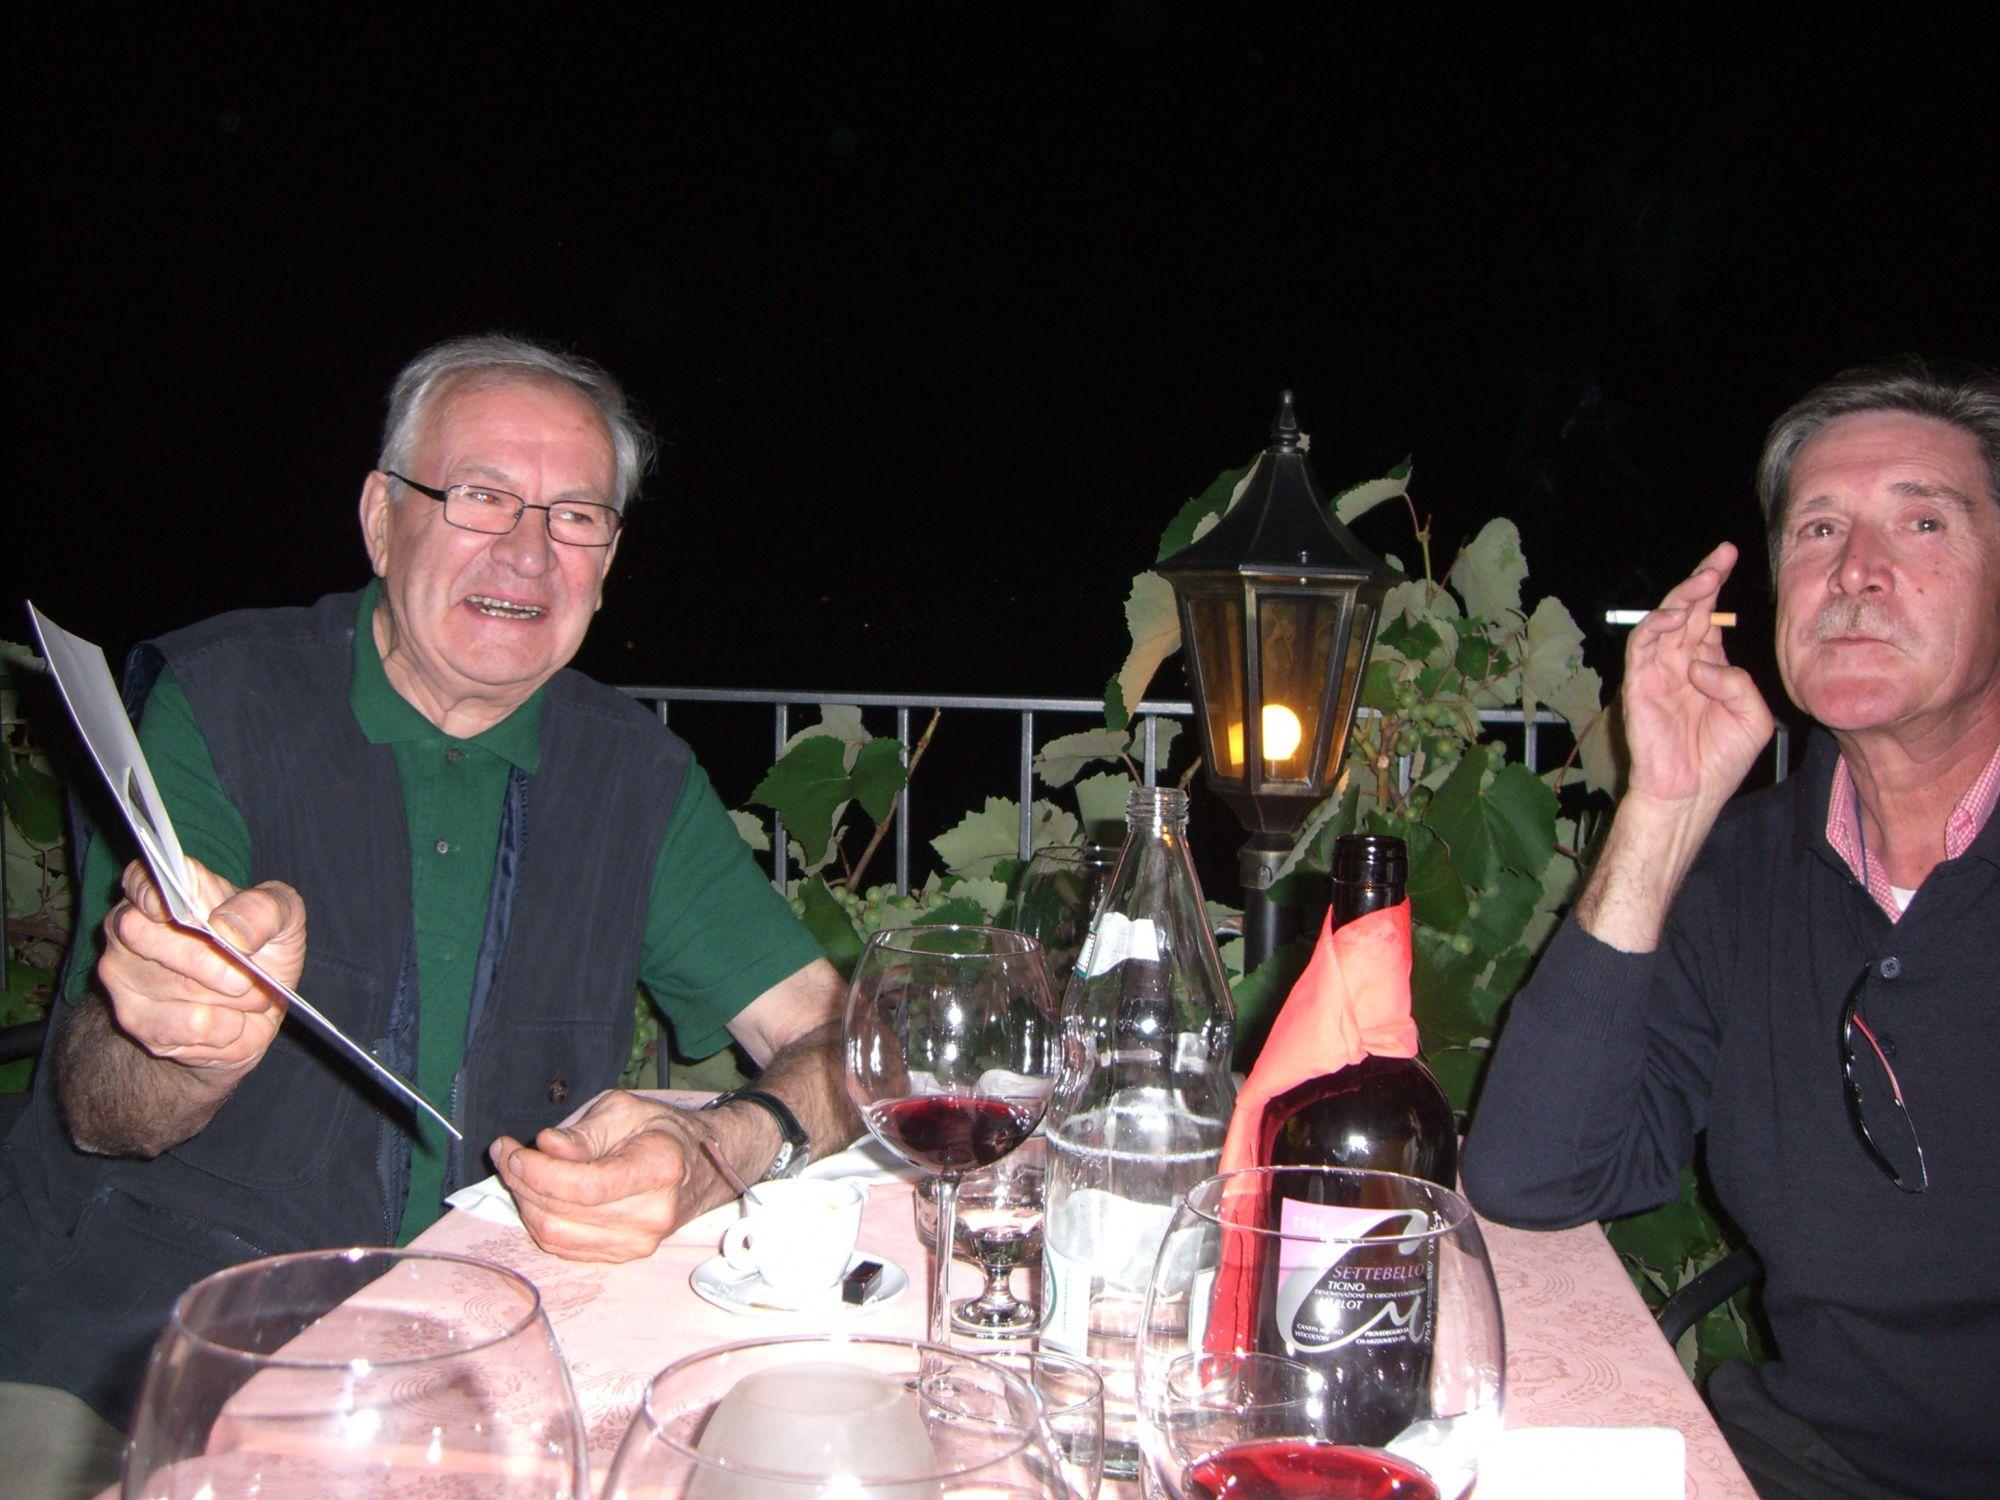 12.07.2007 - Osteria del Portico a Vernate